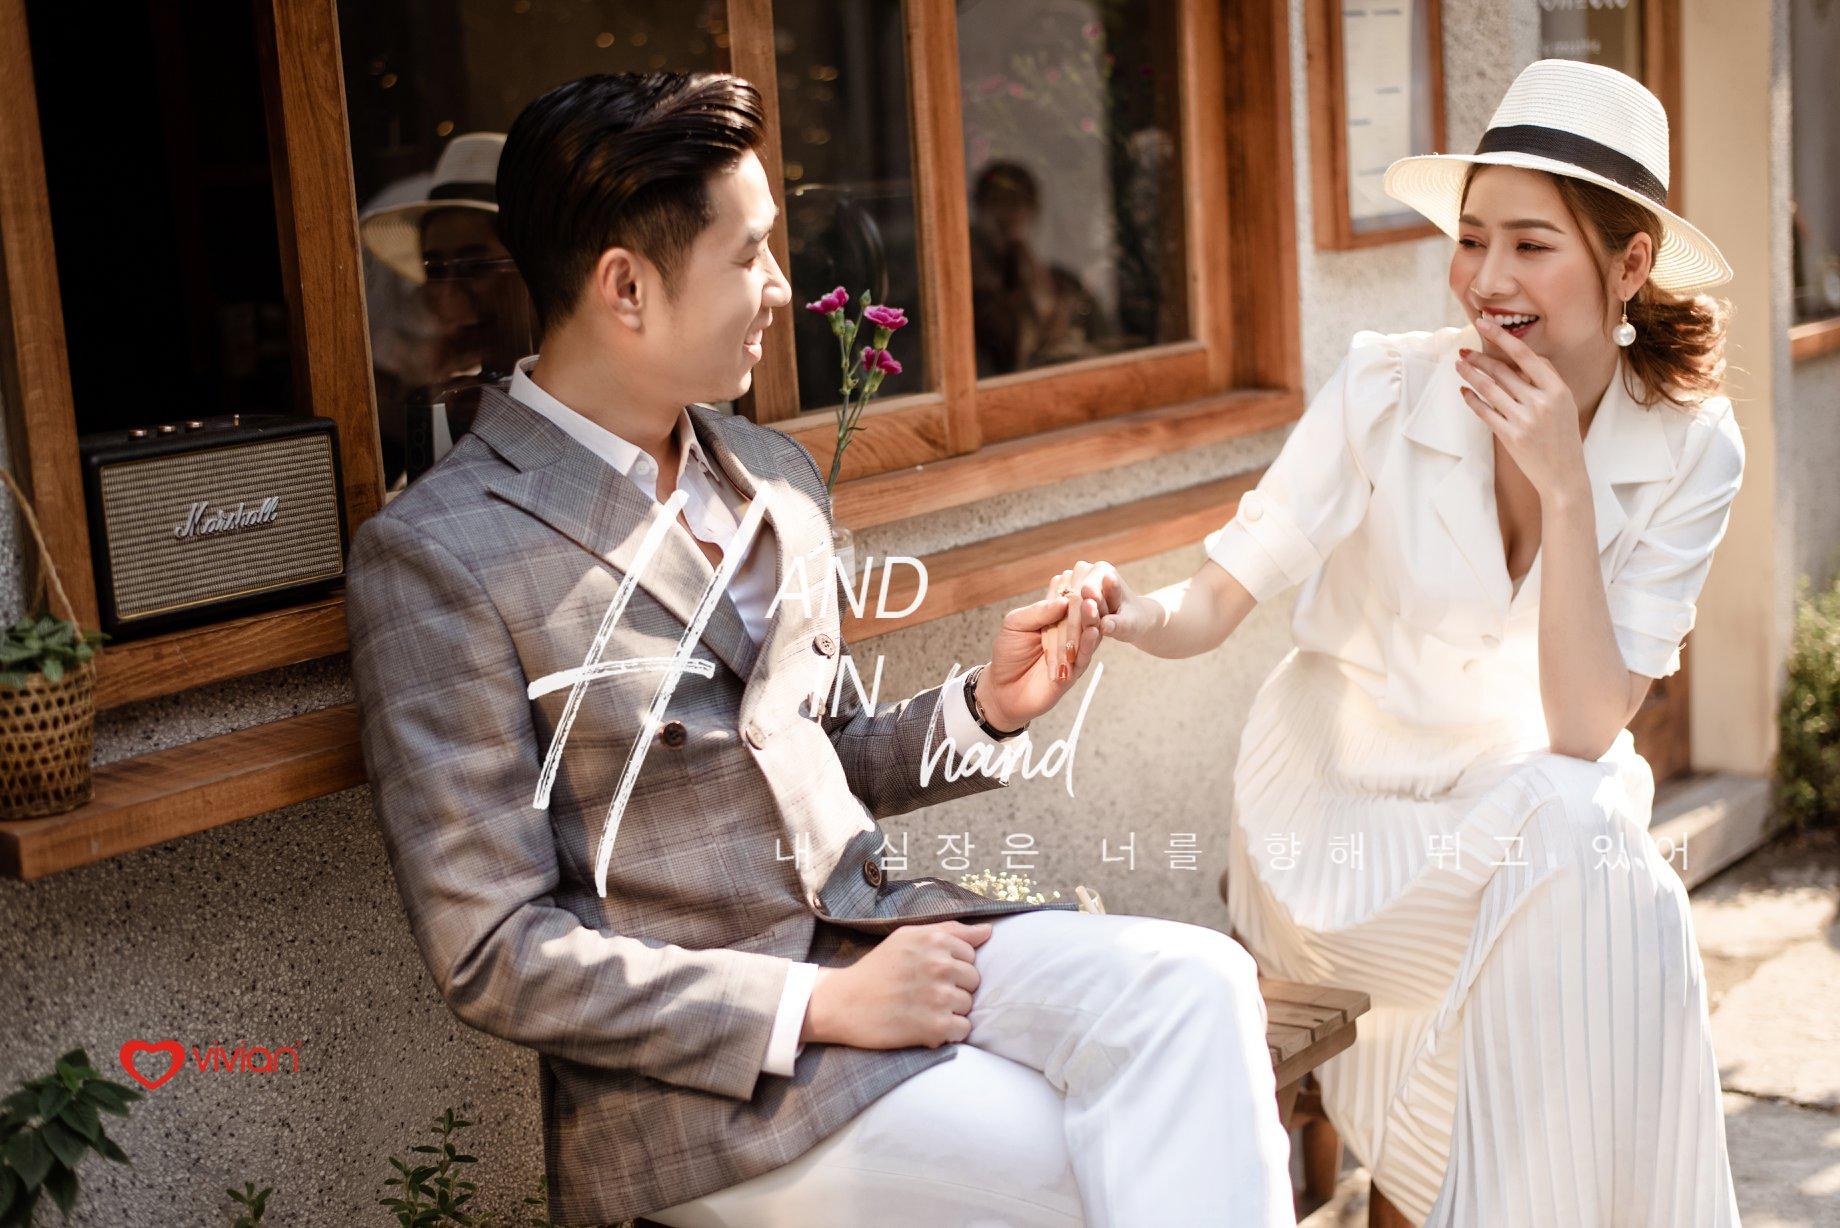 Xếp hạng 14 studio chụp ảnh cưới đẹp nổi tiếng ở Hà Nội -  Ảnh viện Vivian